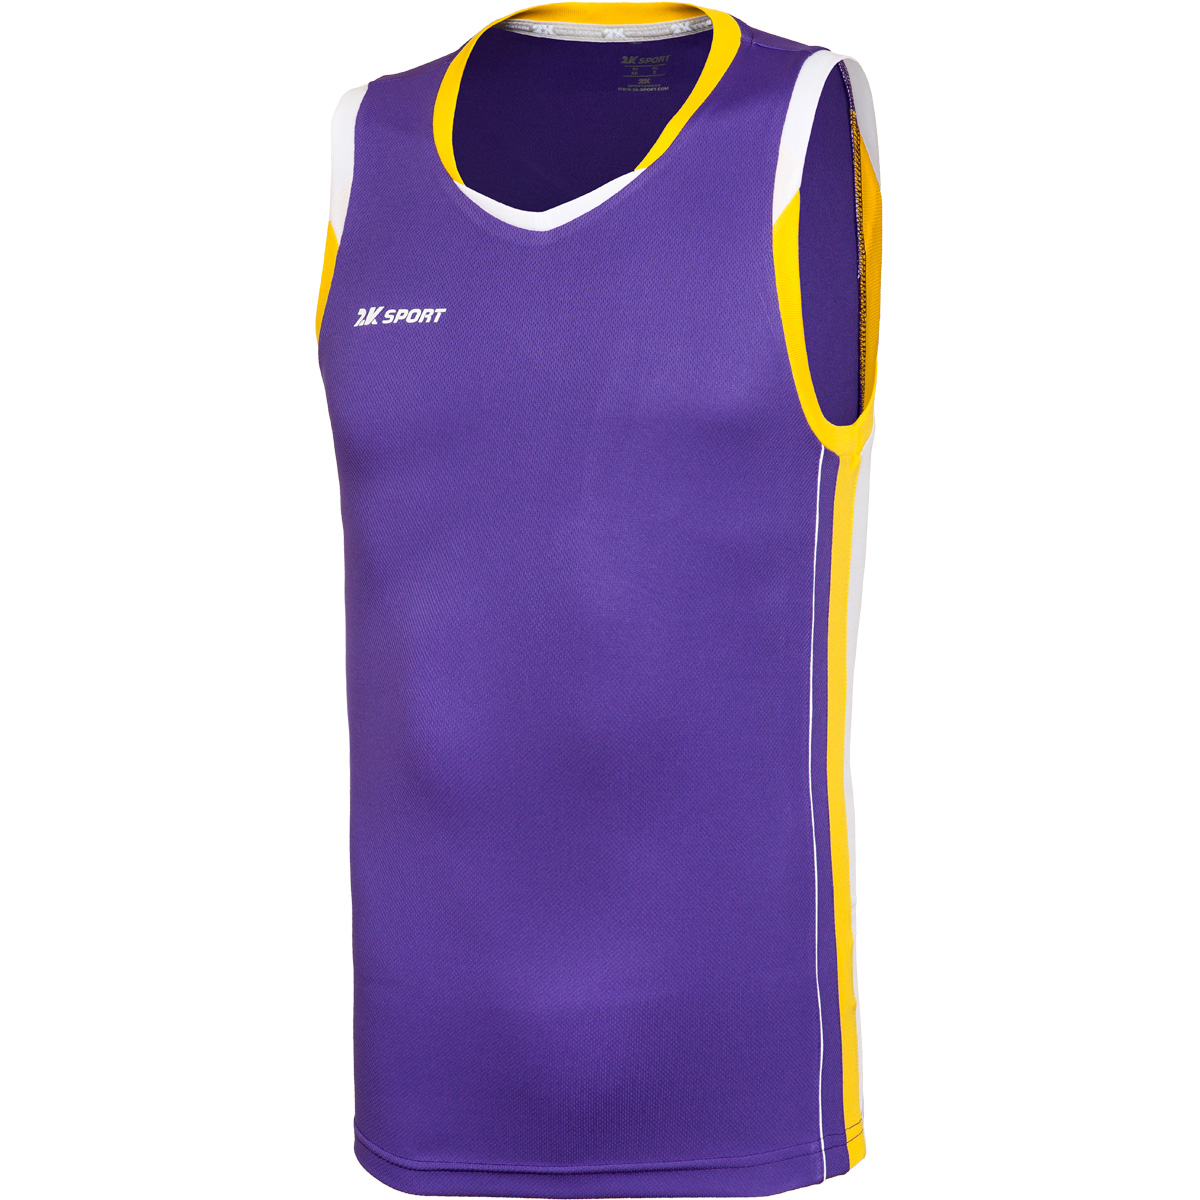 Майка баскетбольная мужская 2K Sport Advance, цвет: фиолетовый, желтый, белый. 130030. Размер XL (52)130030_violet/yellow/whiteПрофессиональная баскетбольная игровая майка от 2K Sport создана для того, чтобы вам ничего не мешало демонстрировать великолепную игру на паркете против самых грозных соперников. Особая сетчатая структура ткани позволяет сделать майку практически невесомой, сохраняя при этом прочность и эластичность. Стильный двухцветный кант по вороту и рукаву. Боковые контрастные вставки.